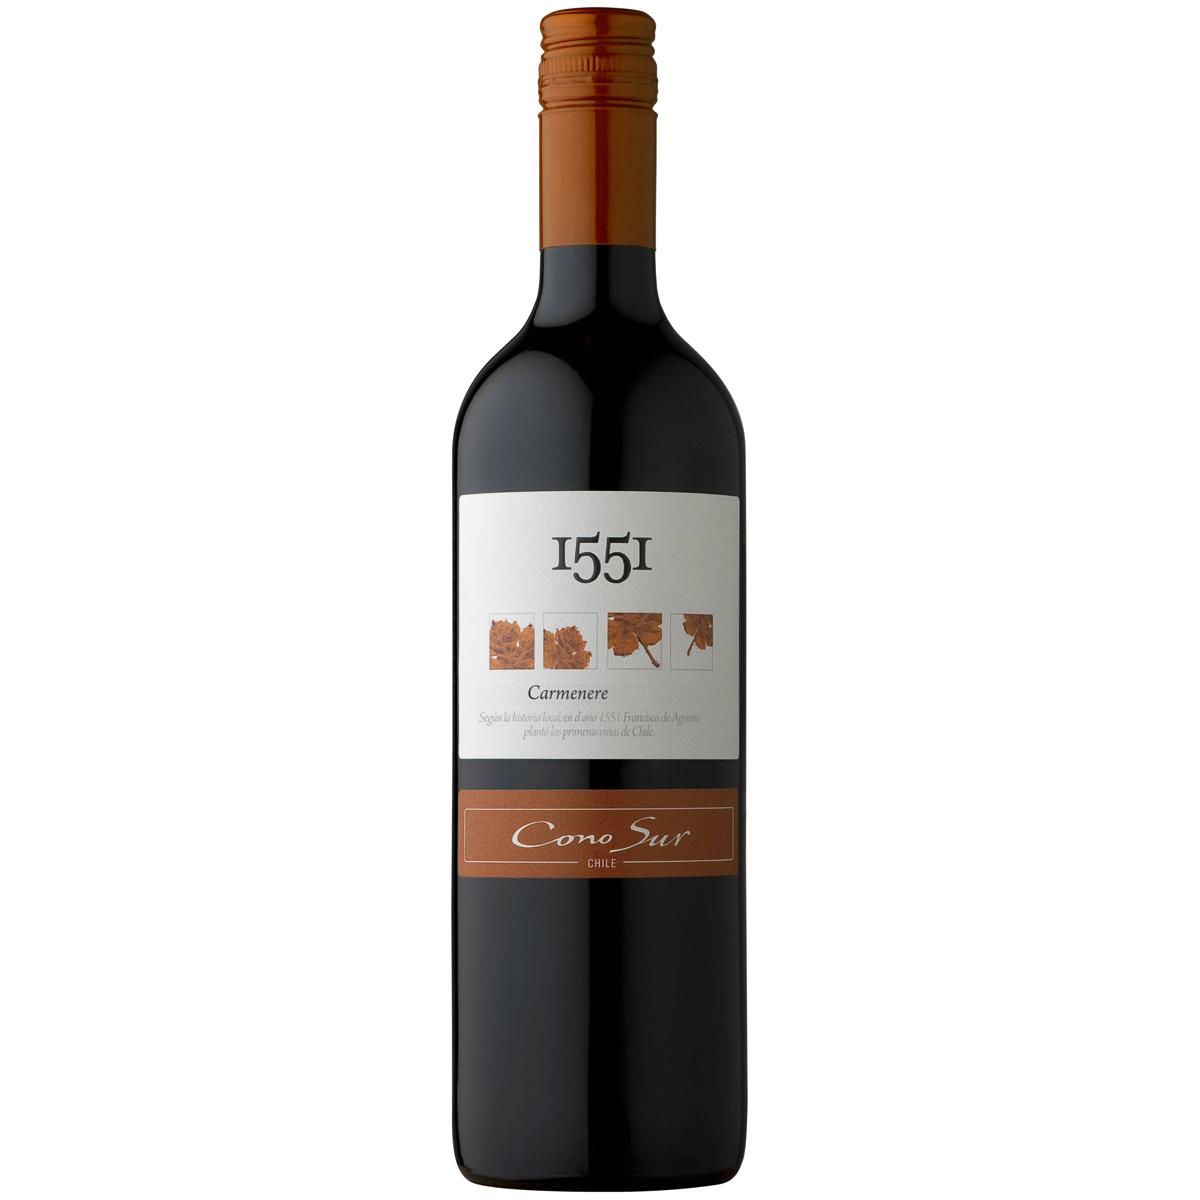 Vinho Cono Sur 1551 Carmenere 750ml